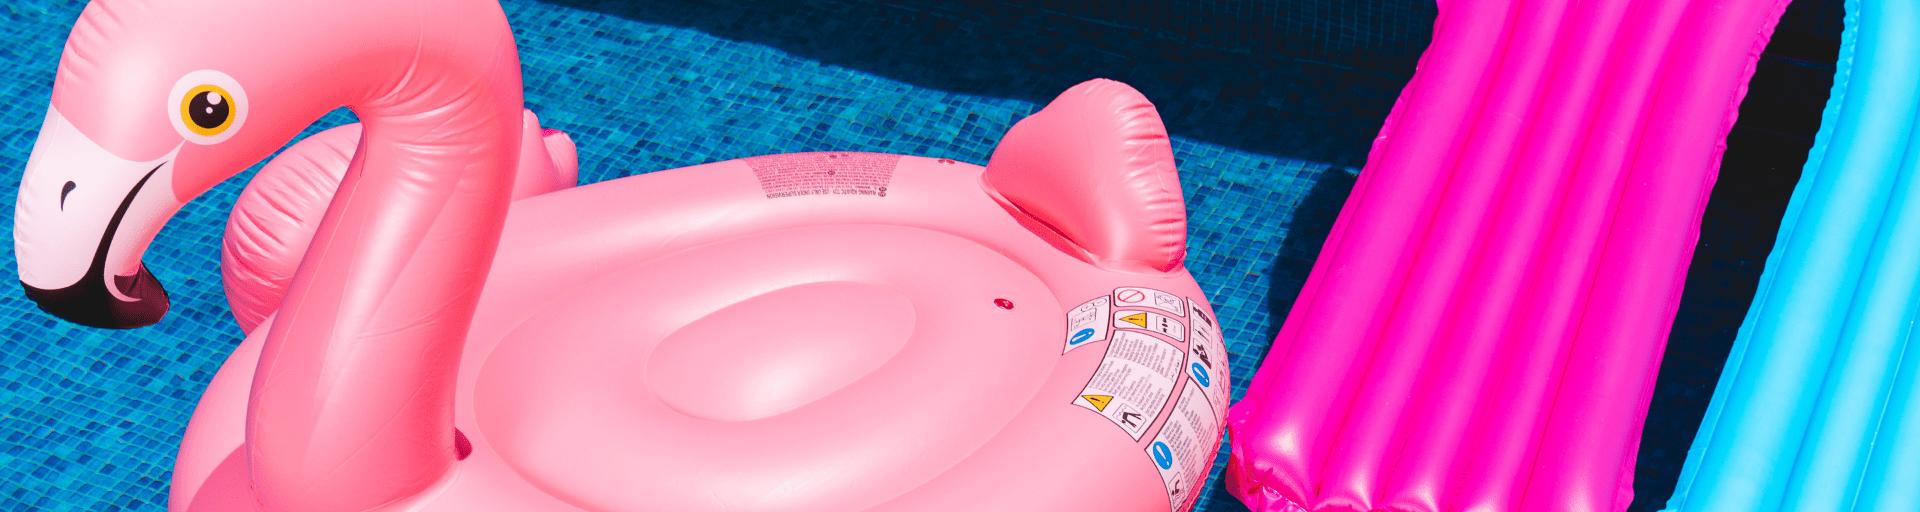 Dreigend tekort aan zwembaden deze zomer - Summertoys